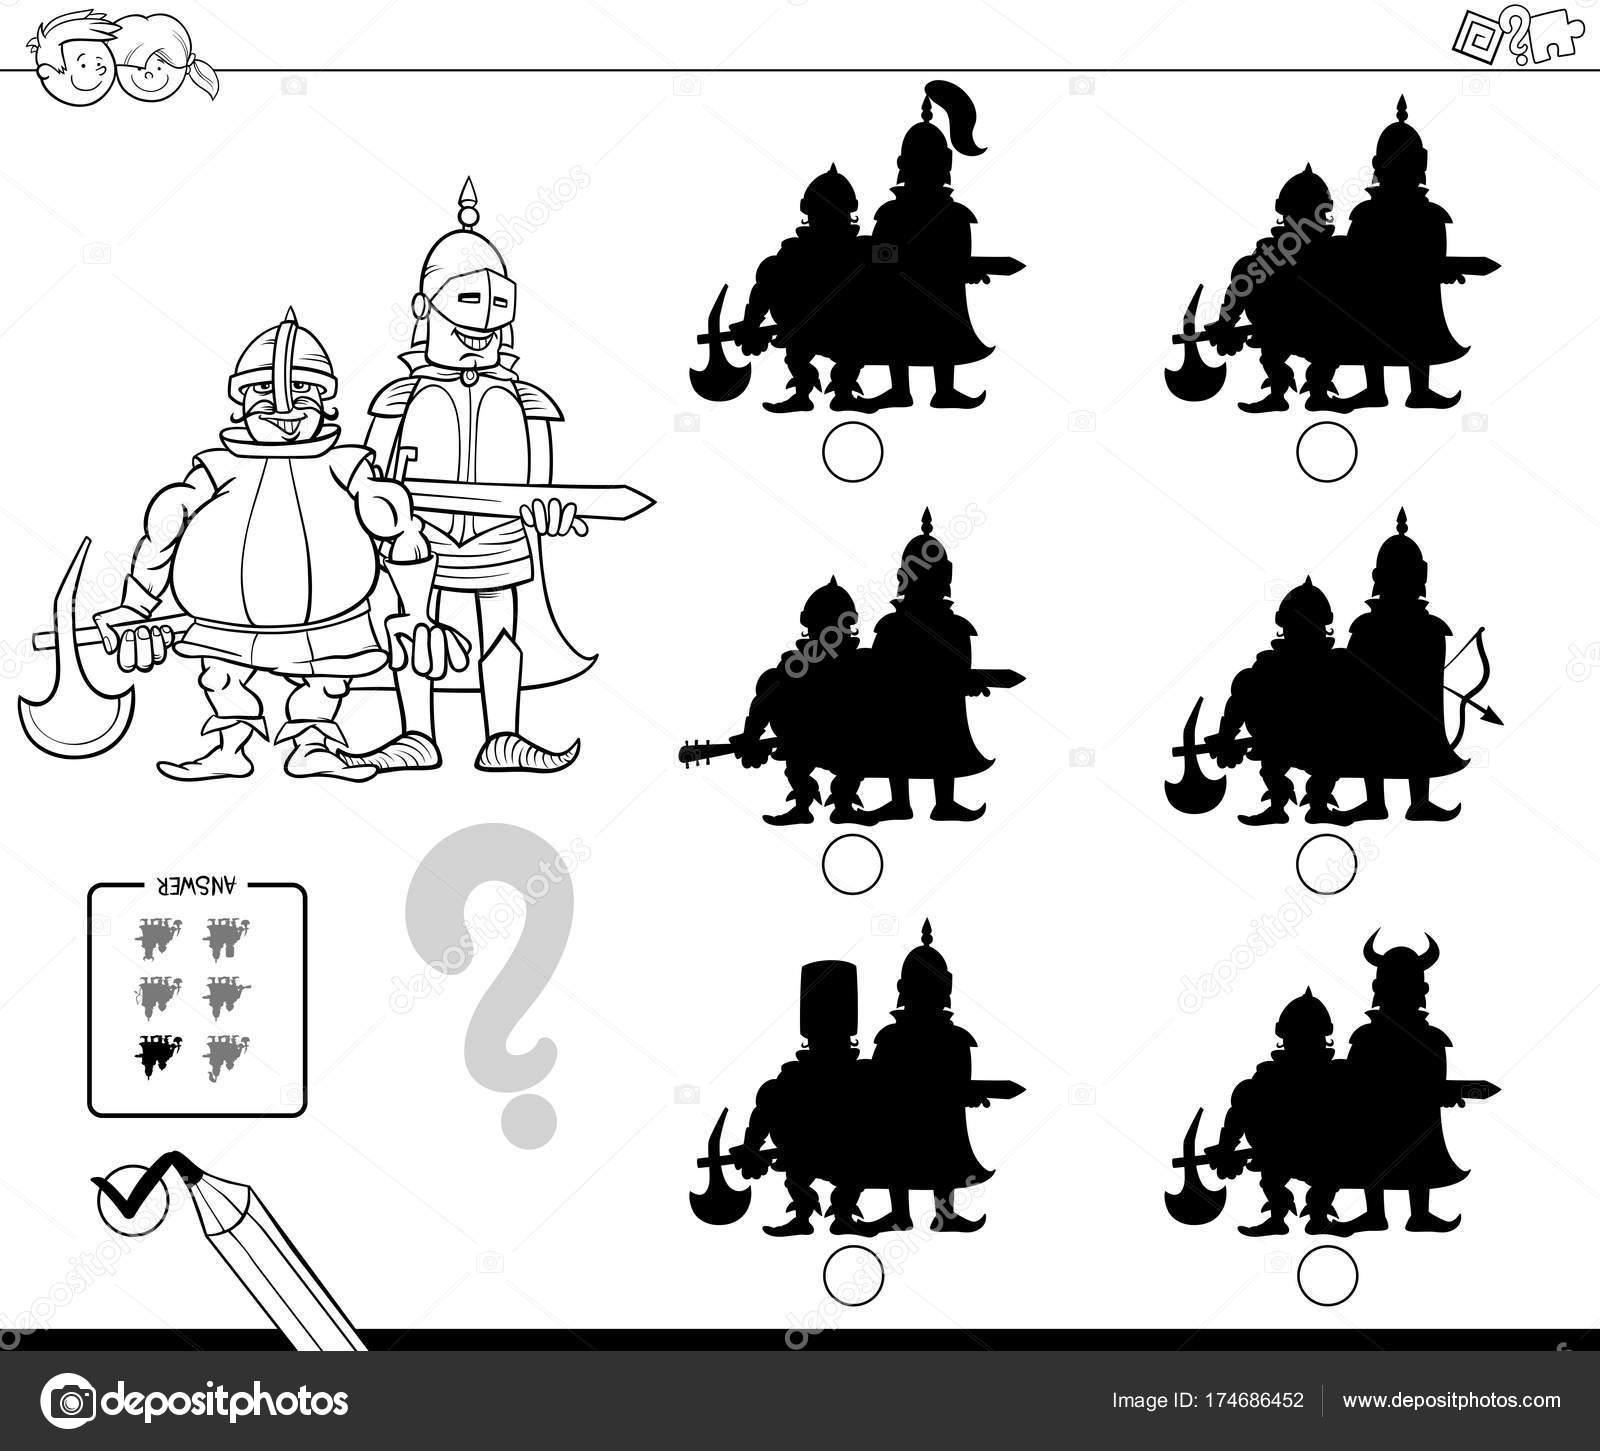 sombras de monstruos del juego libro de color — Archivo Imágenes ...